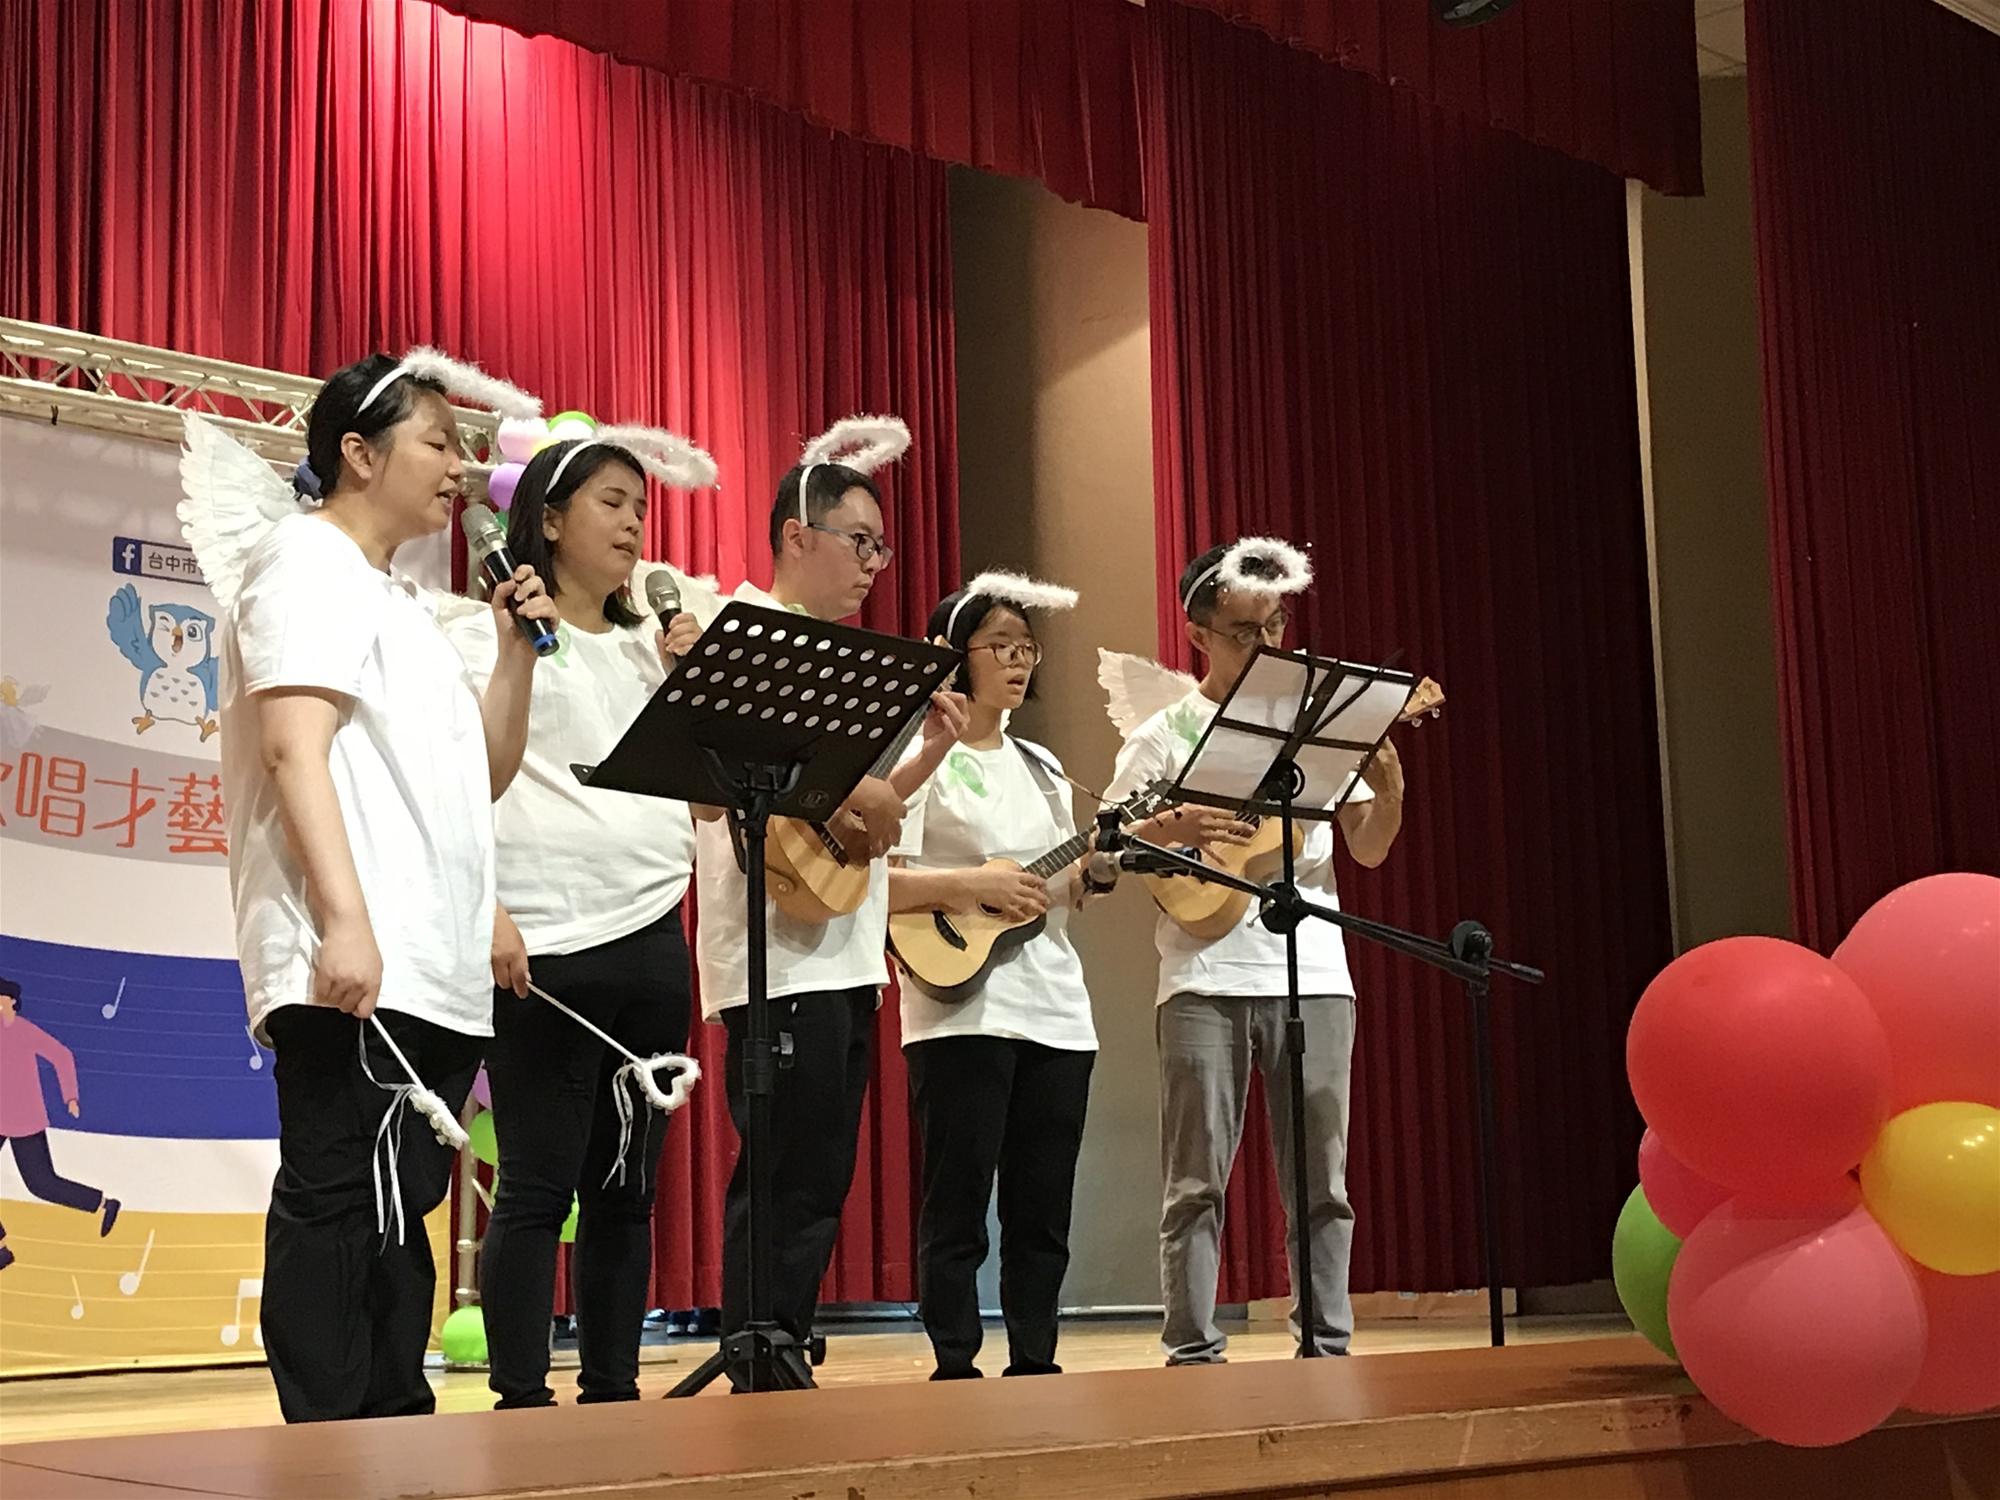 參加台中市衛生局舉辦『109年康復天使歌唱才藝比賽』,榮獲「優勝」佳績1